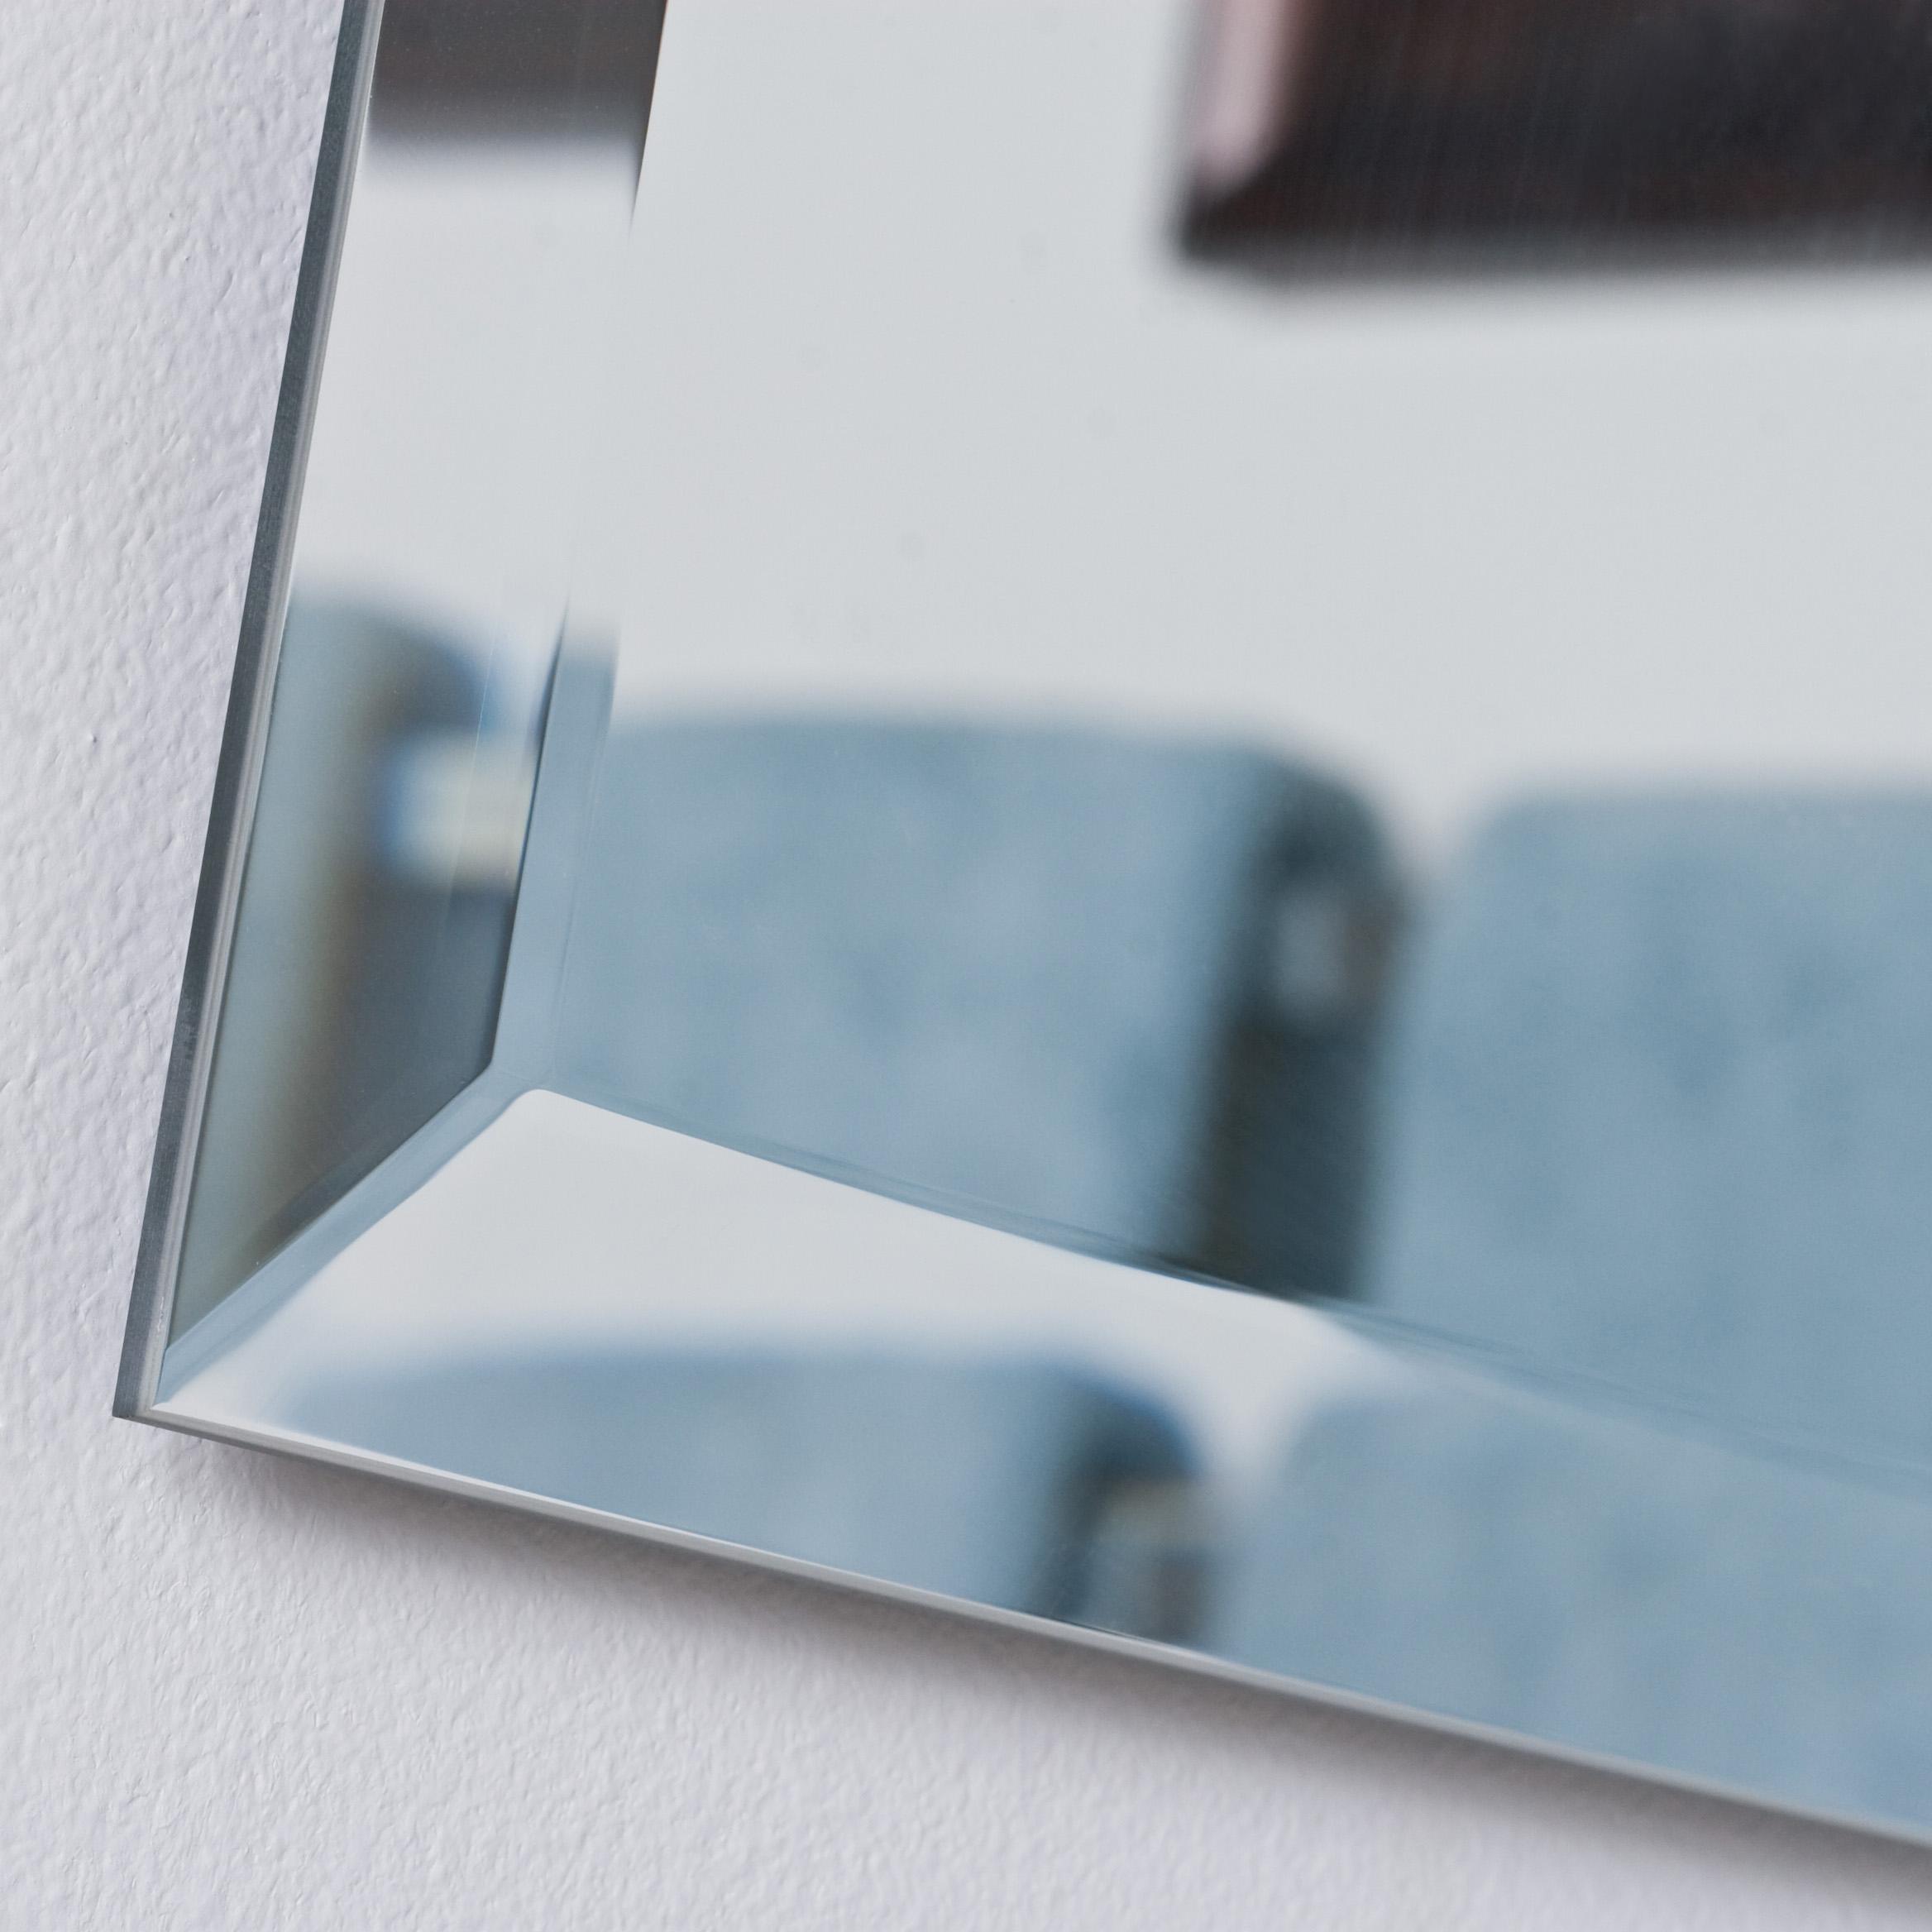 Muchness Mirror Wall Art Findingmymuchness Shop